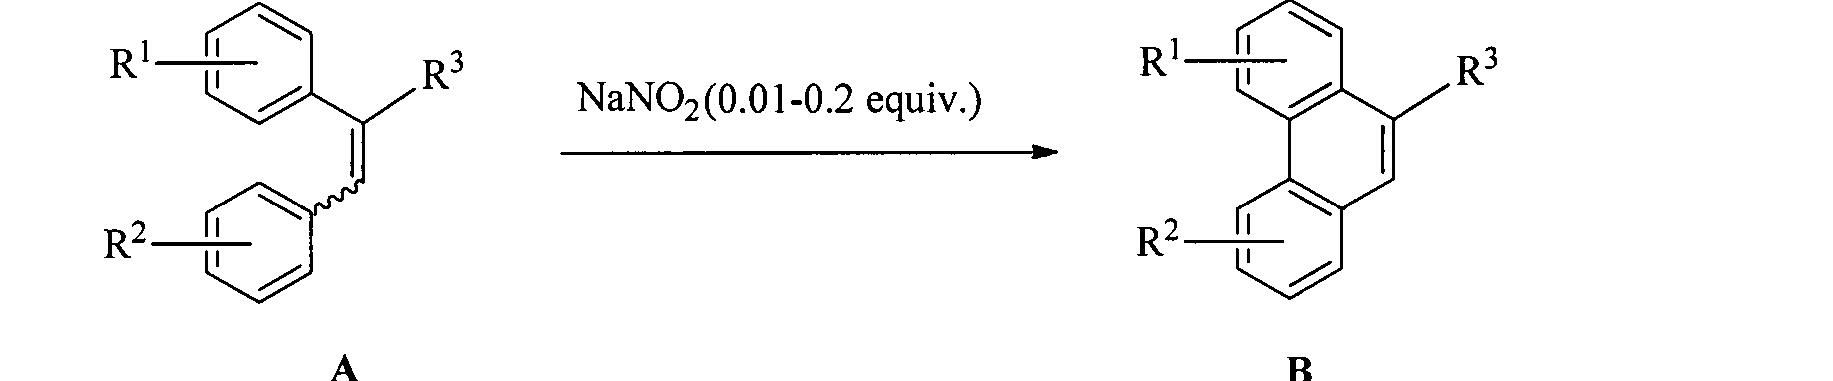 亚硝酸钠催化的氧化偶联制备菲衍生物